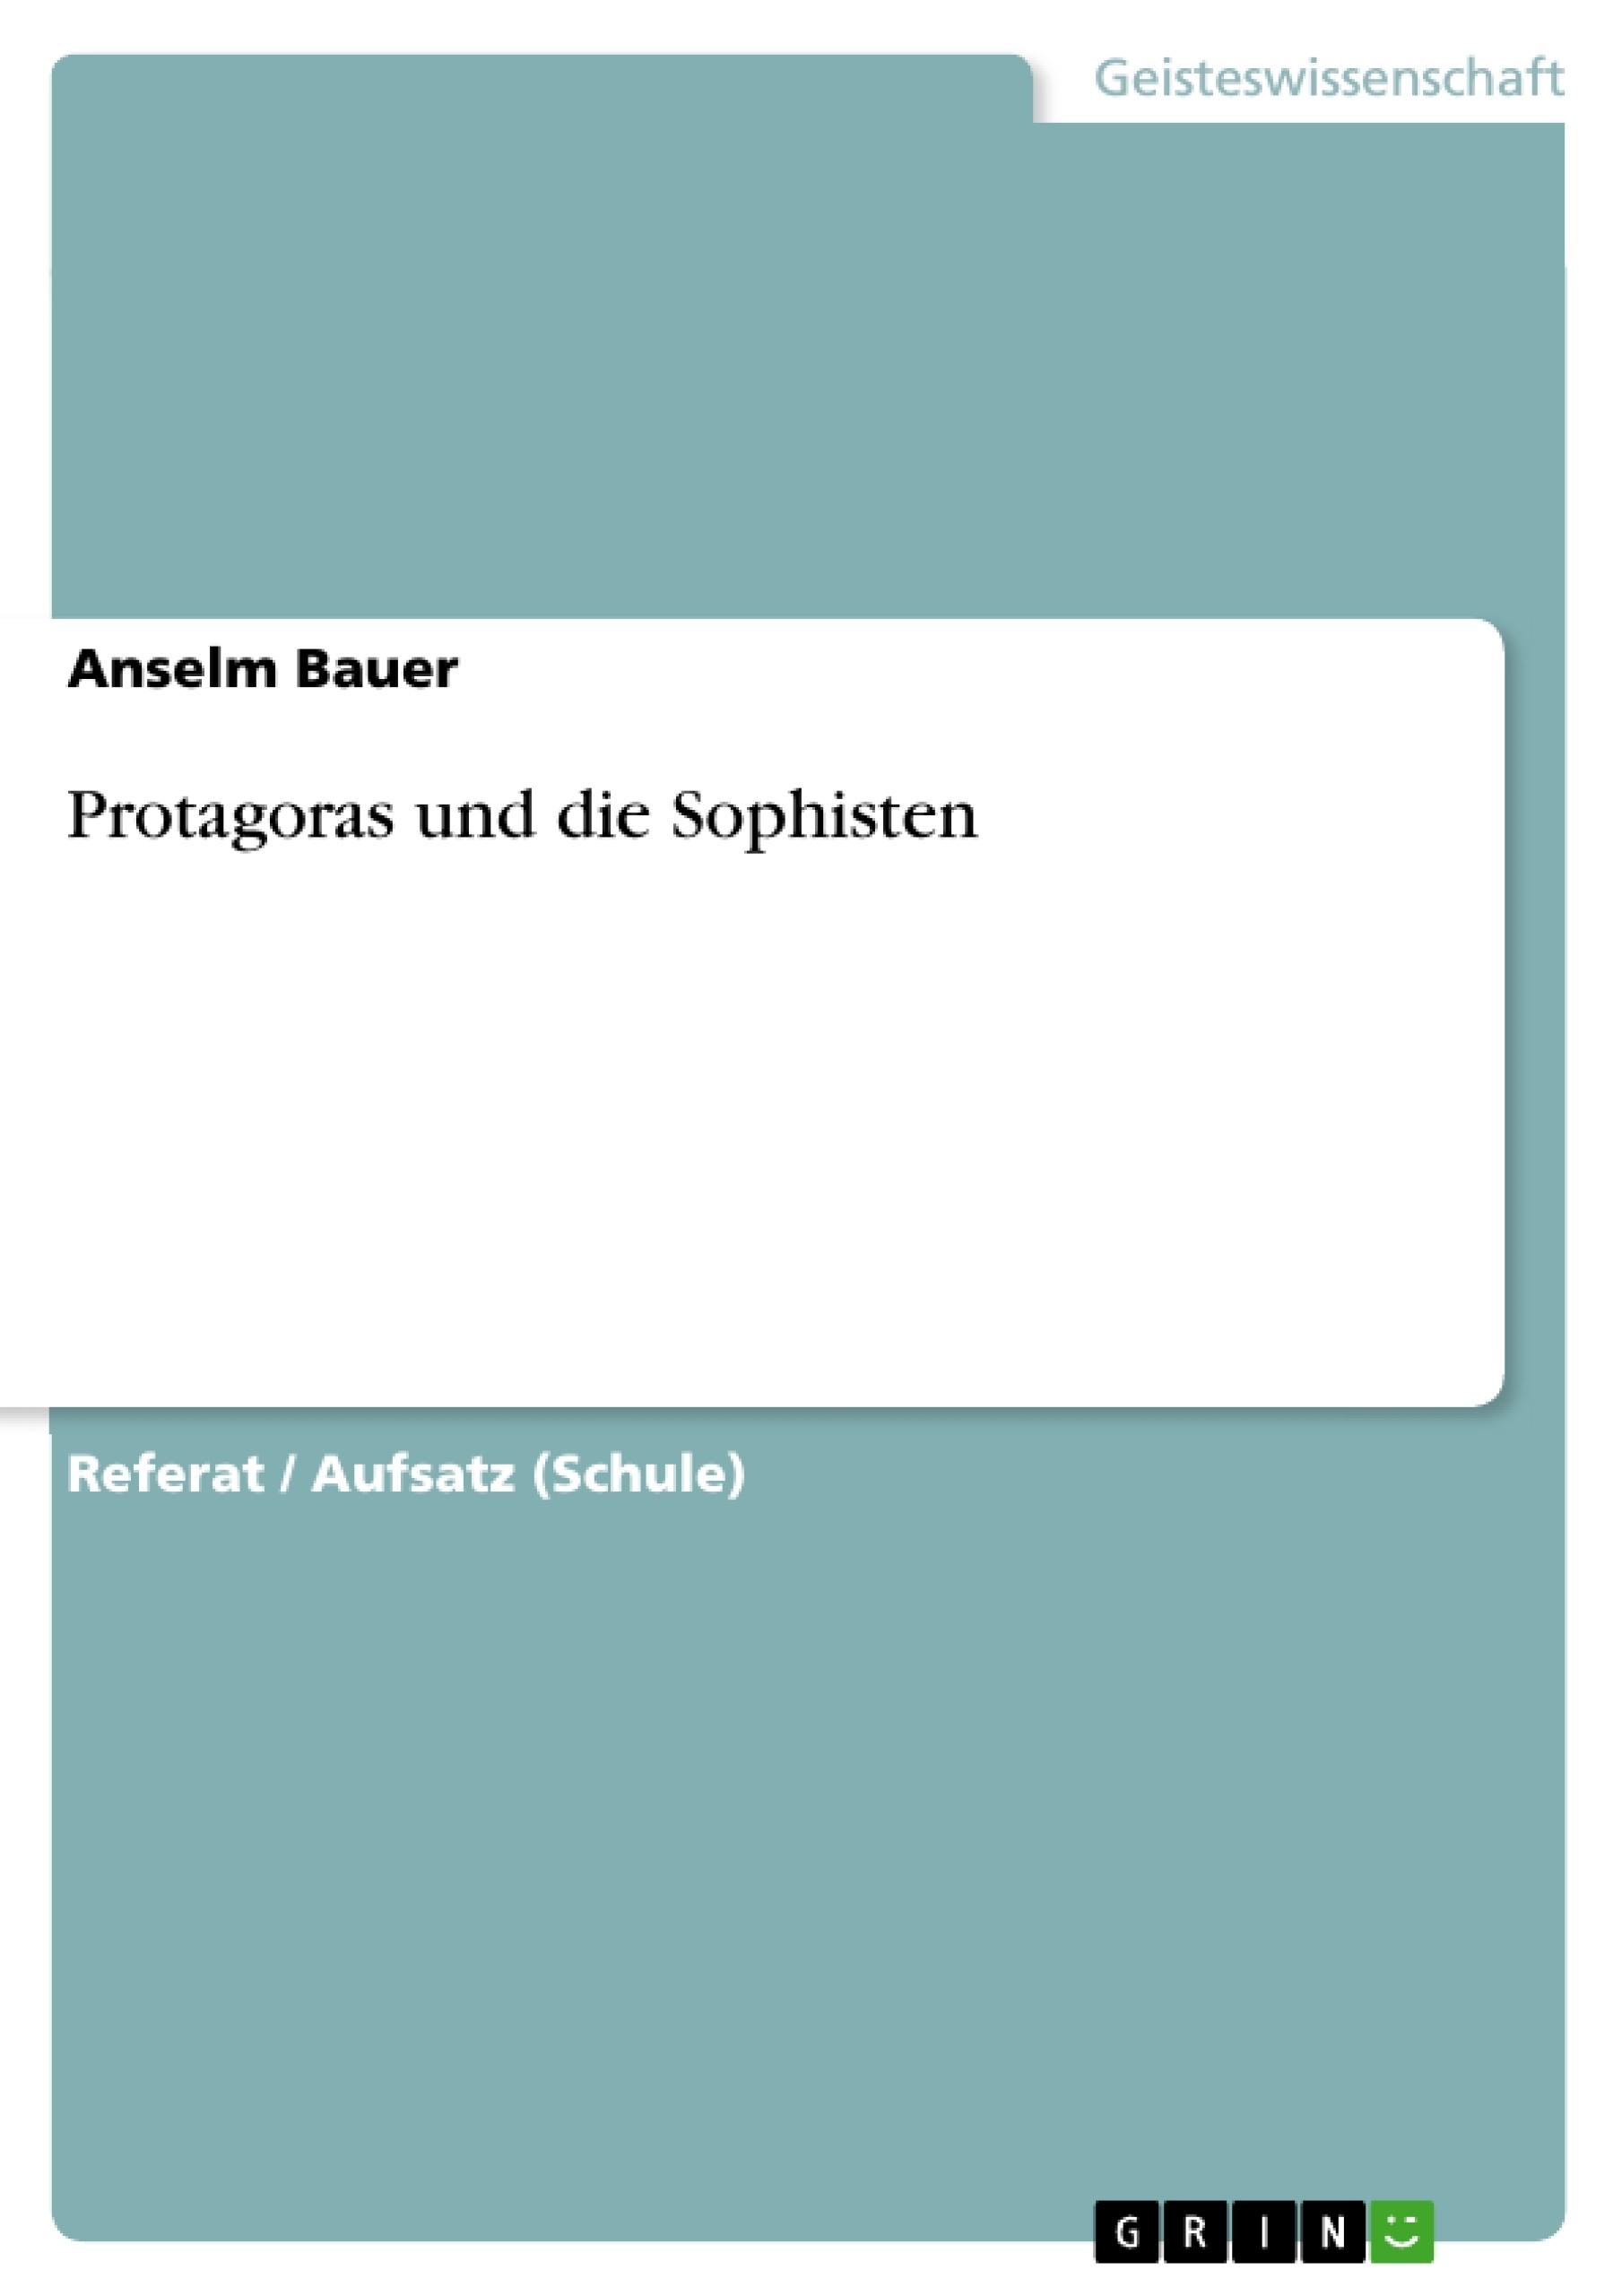 Titel: Protagoras und die Sophisten